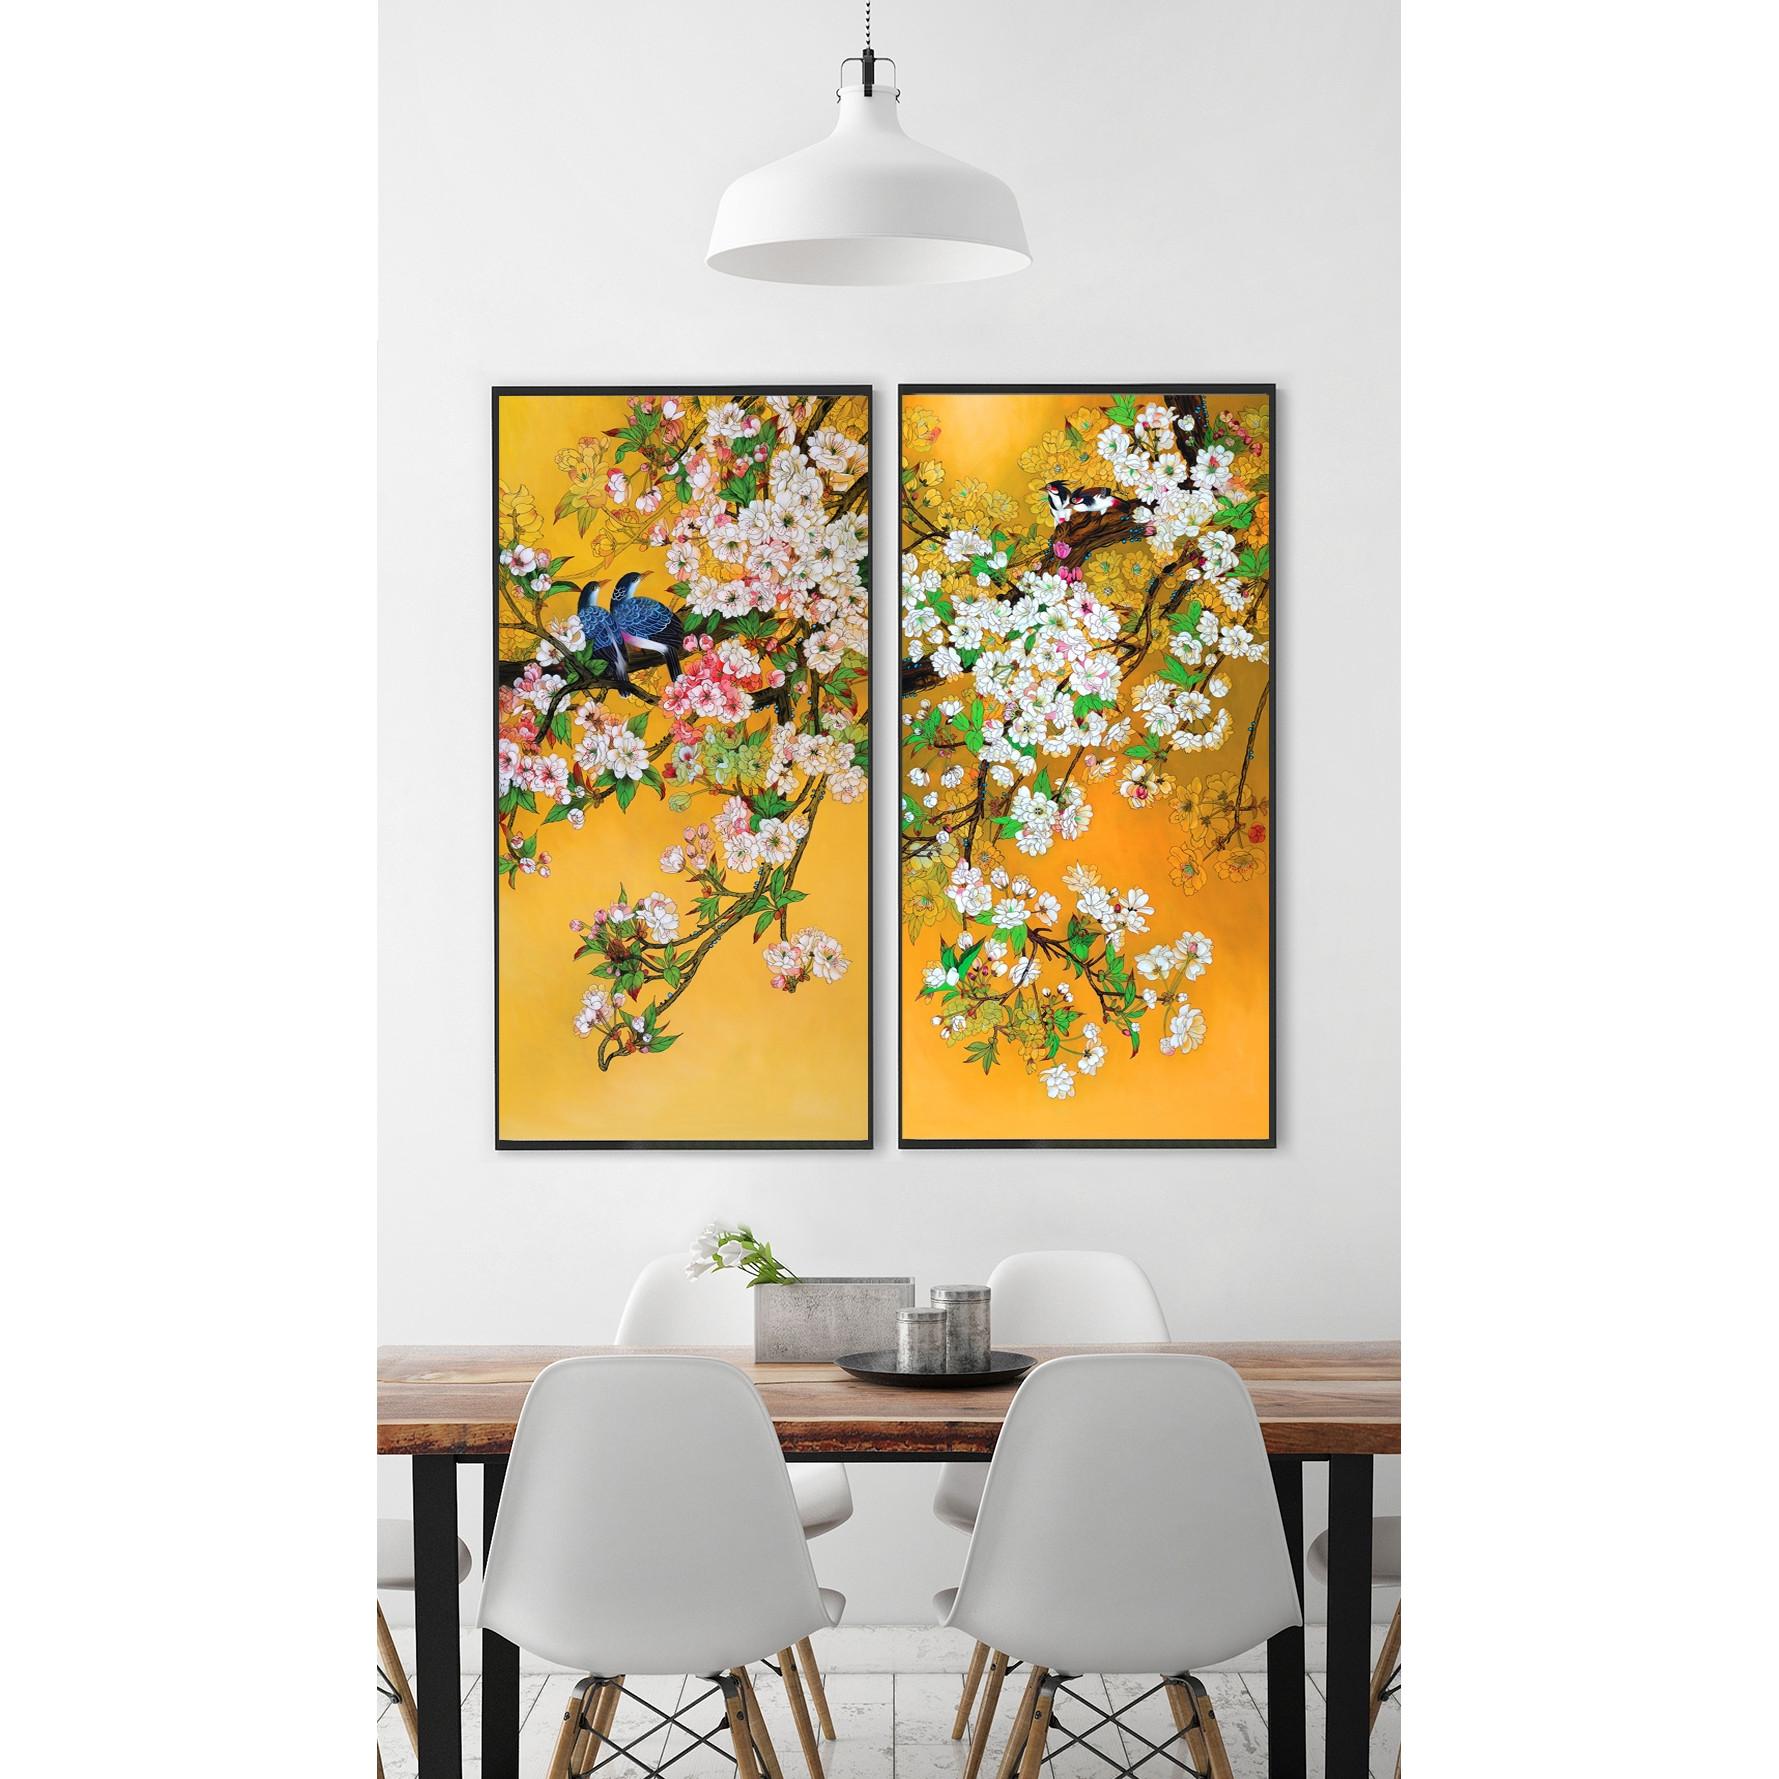 Tranh Treo Tường Đẹp- Tranh canvas Phong Cảnh Mùa Xuân